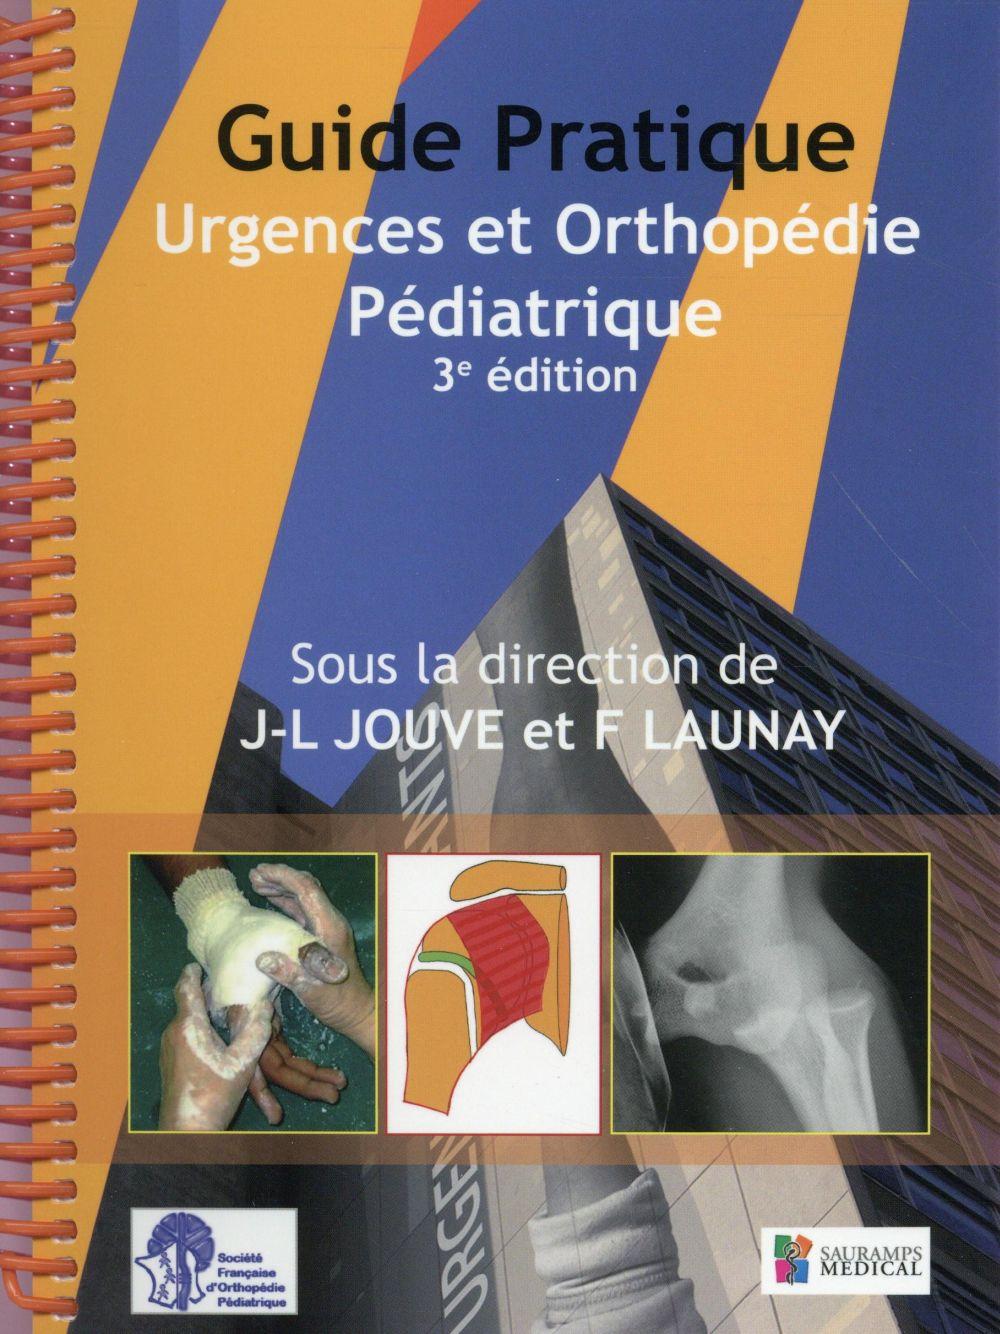 guide pratique urgences et orthopédie pédiatrique (3e édition)